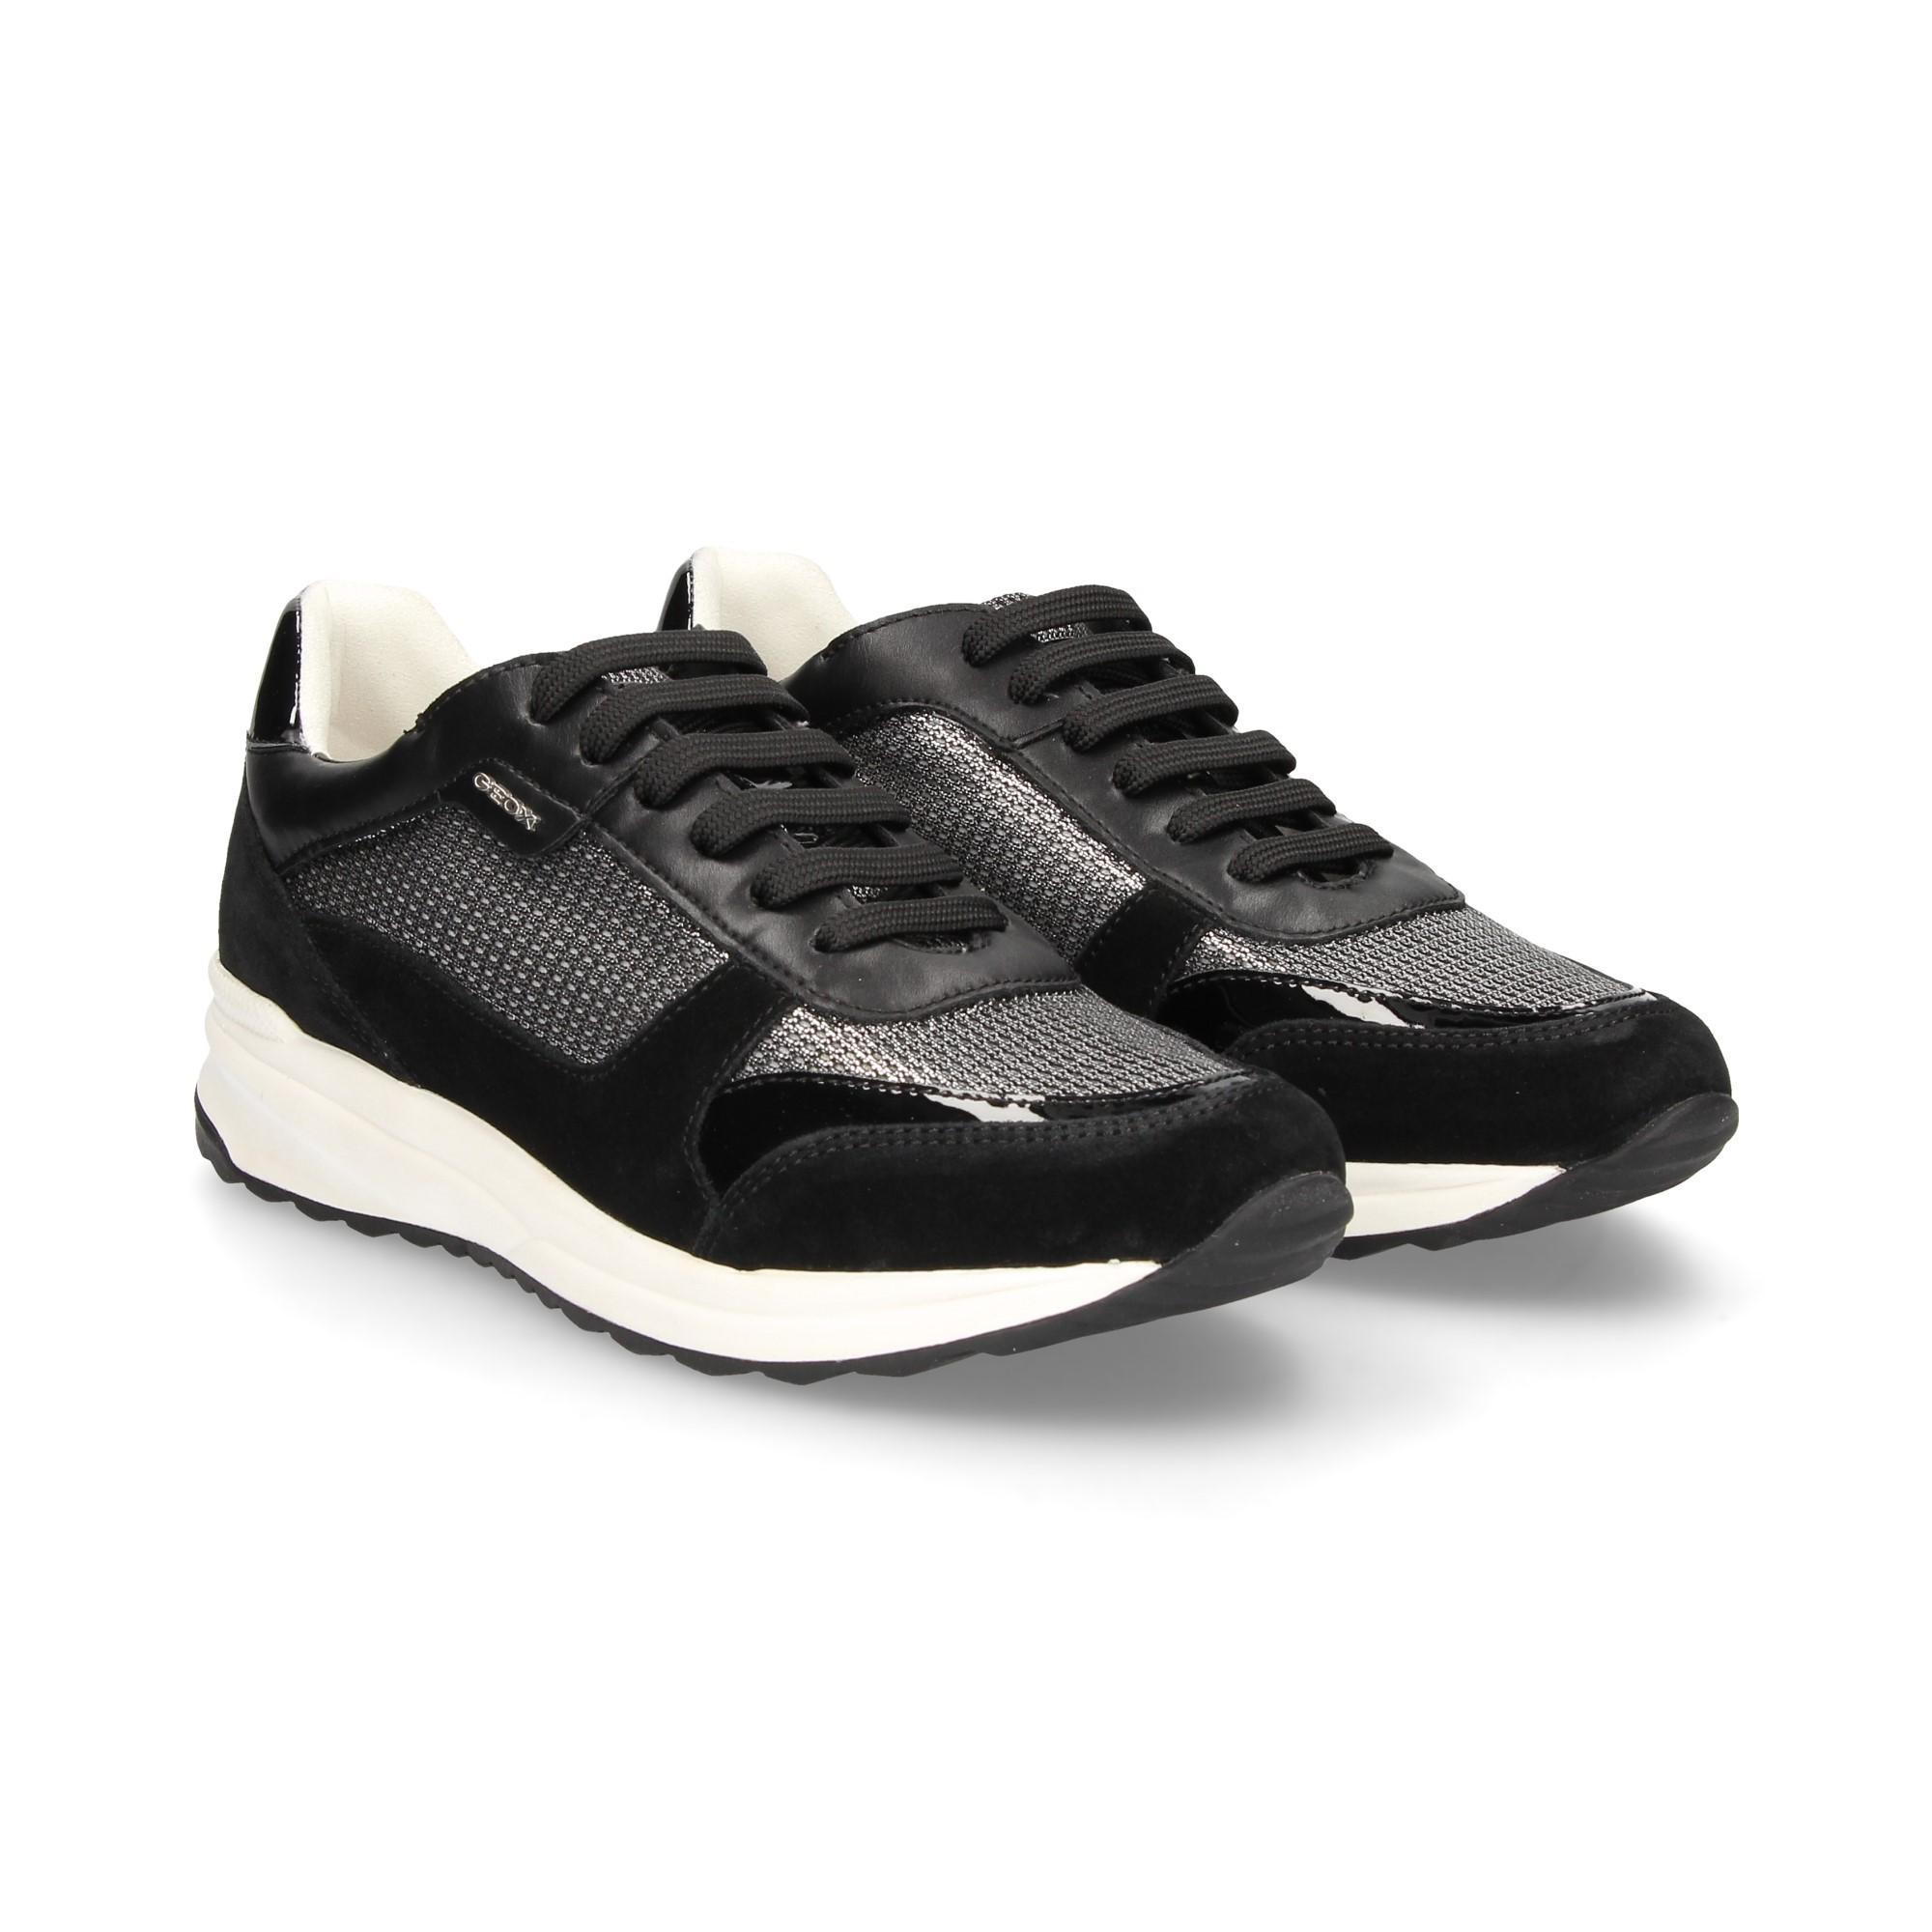 GEOX Women's Sneakers D642SC C1223 GUN